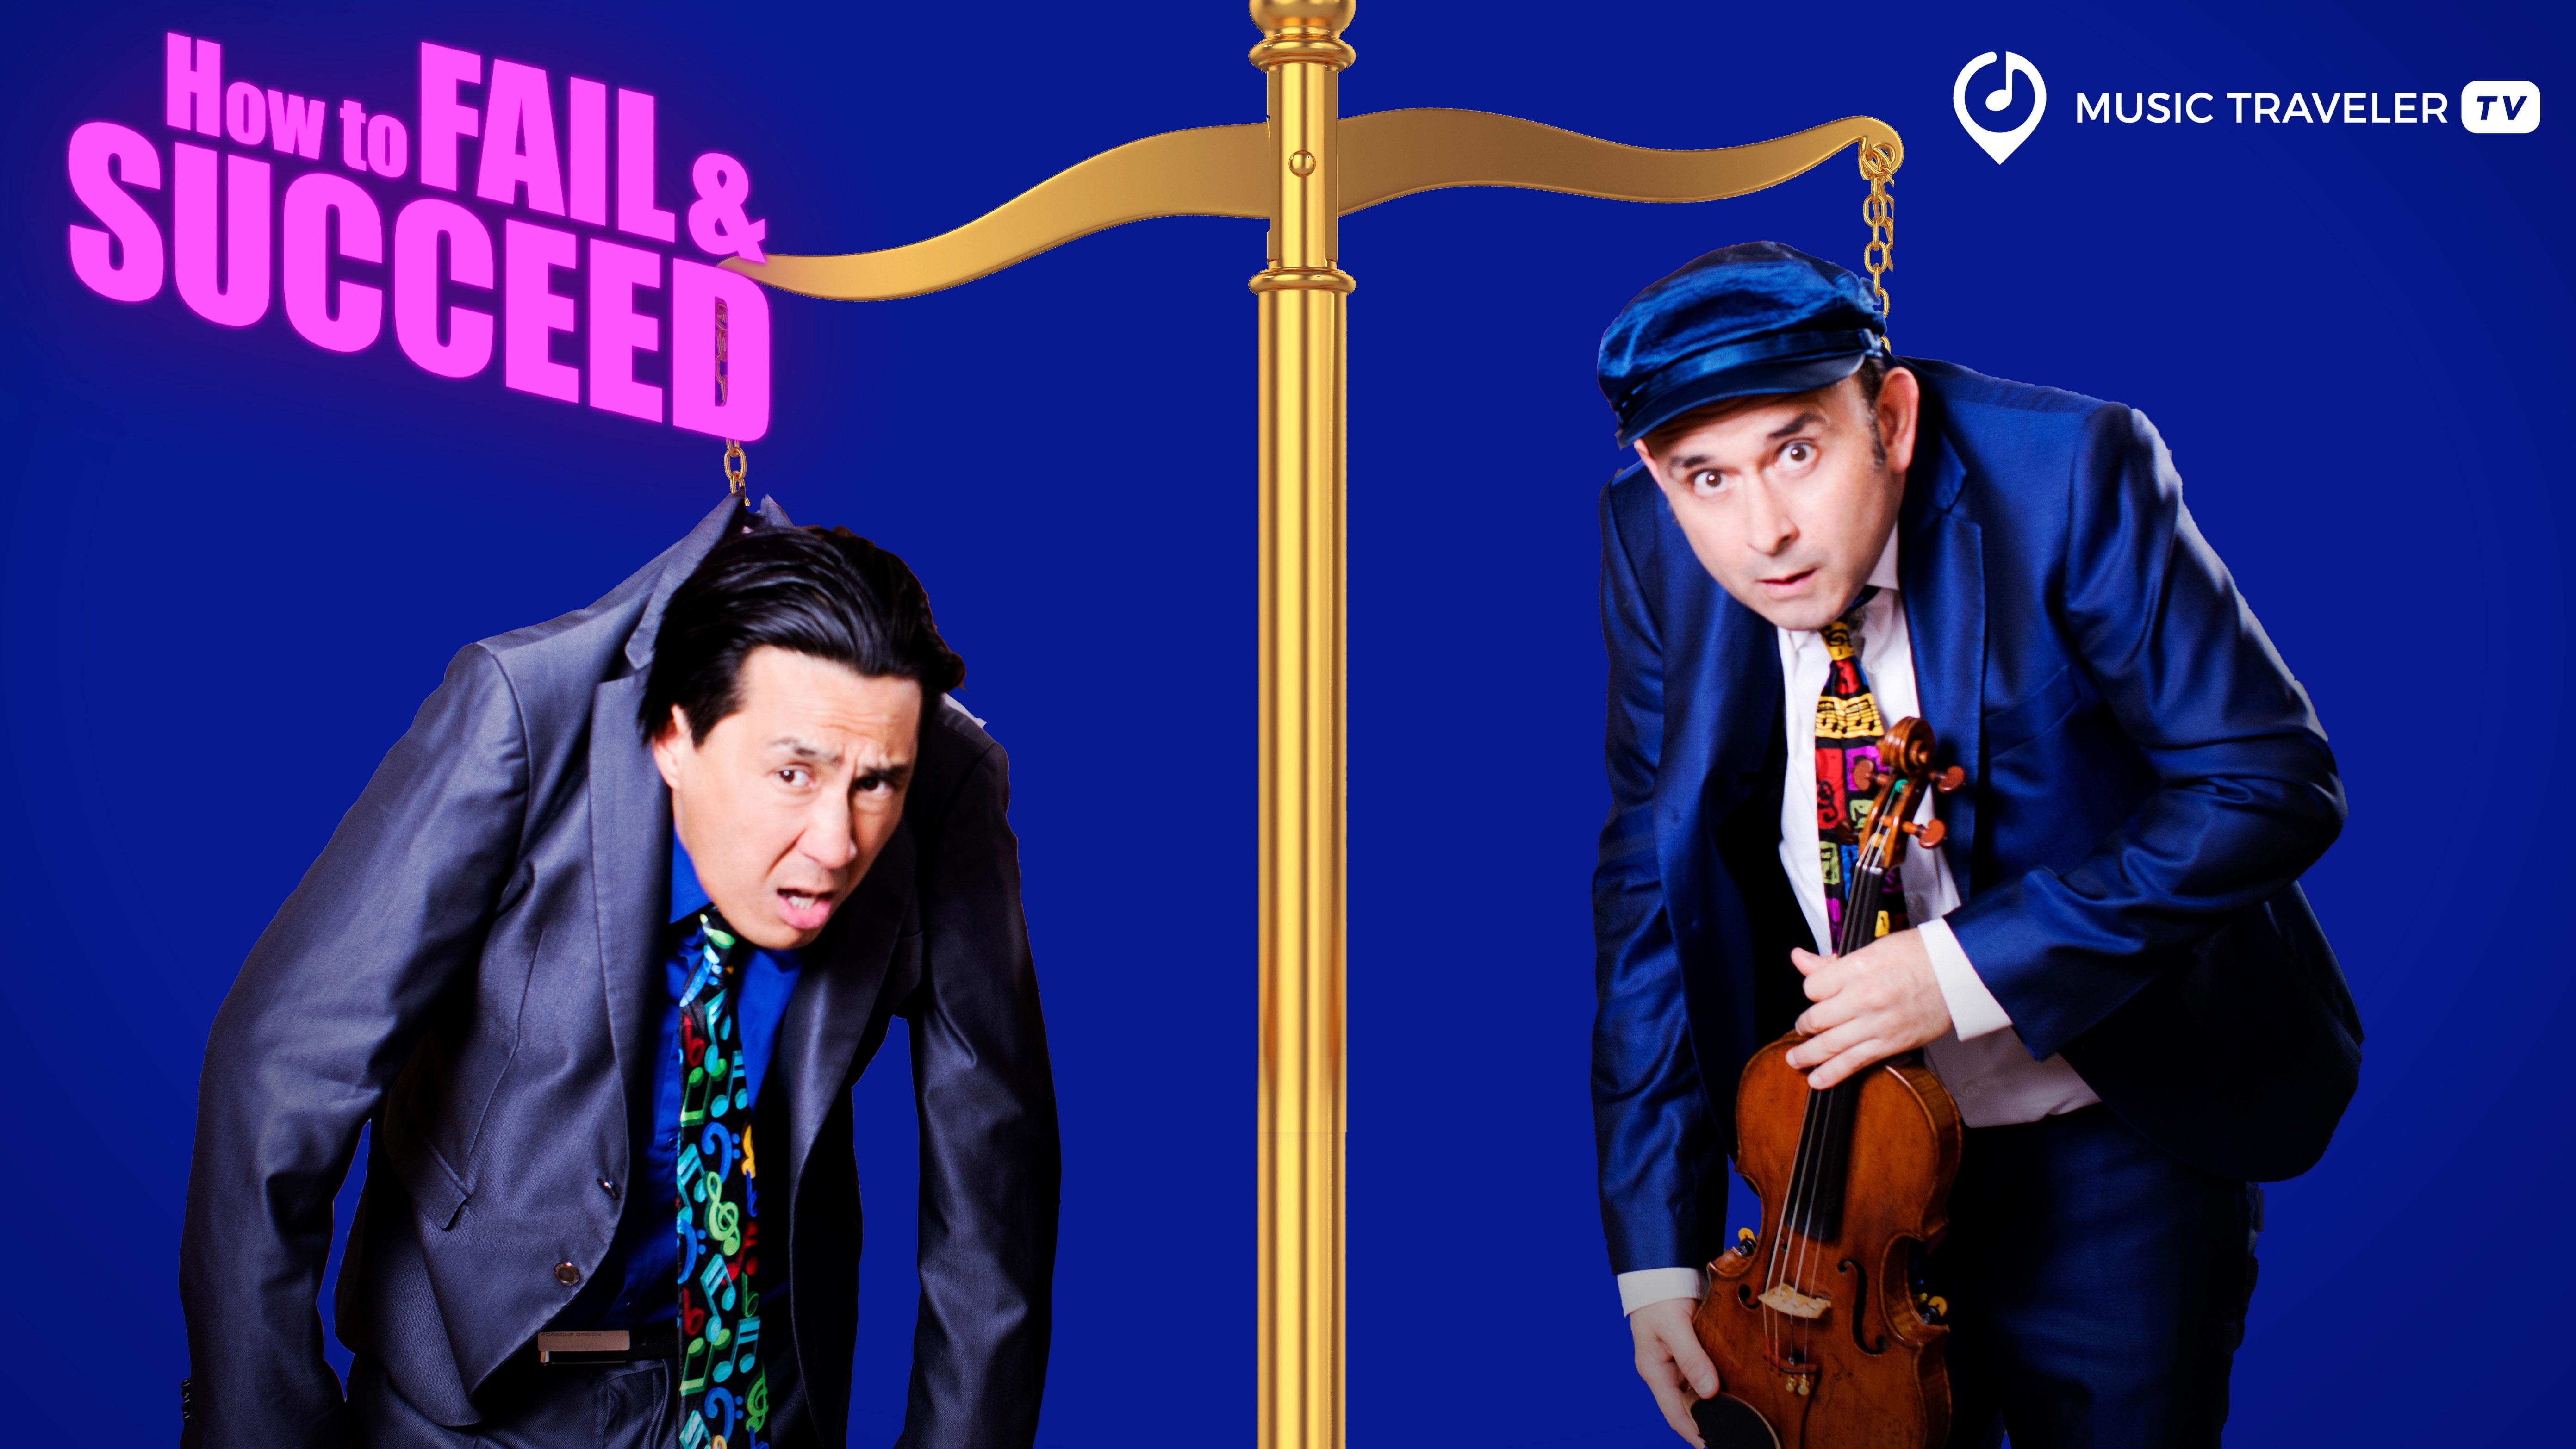 Von Fehlern und Erfolgen - Igudesman & Joo präsentieren neue Show auf Music Traveler.TV